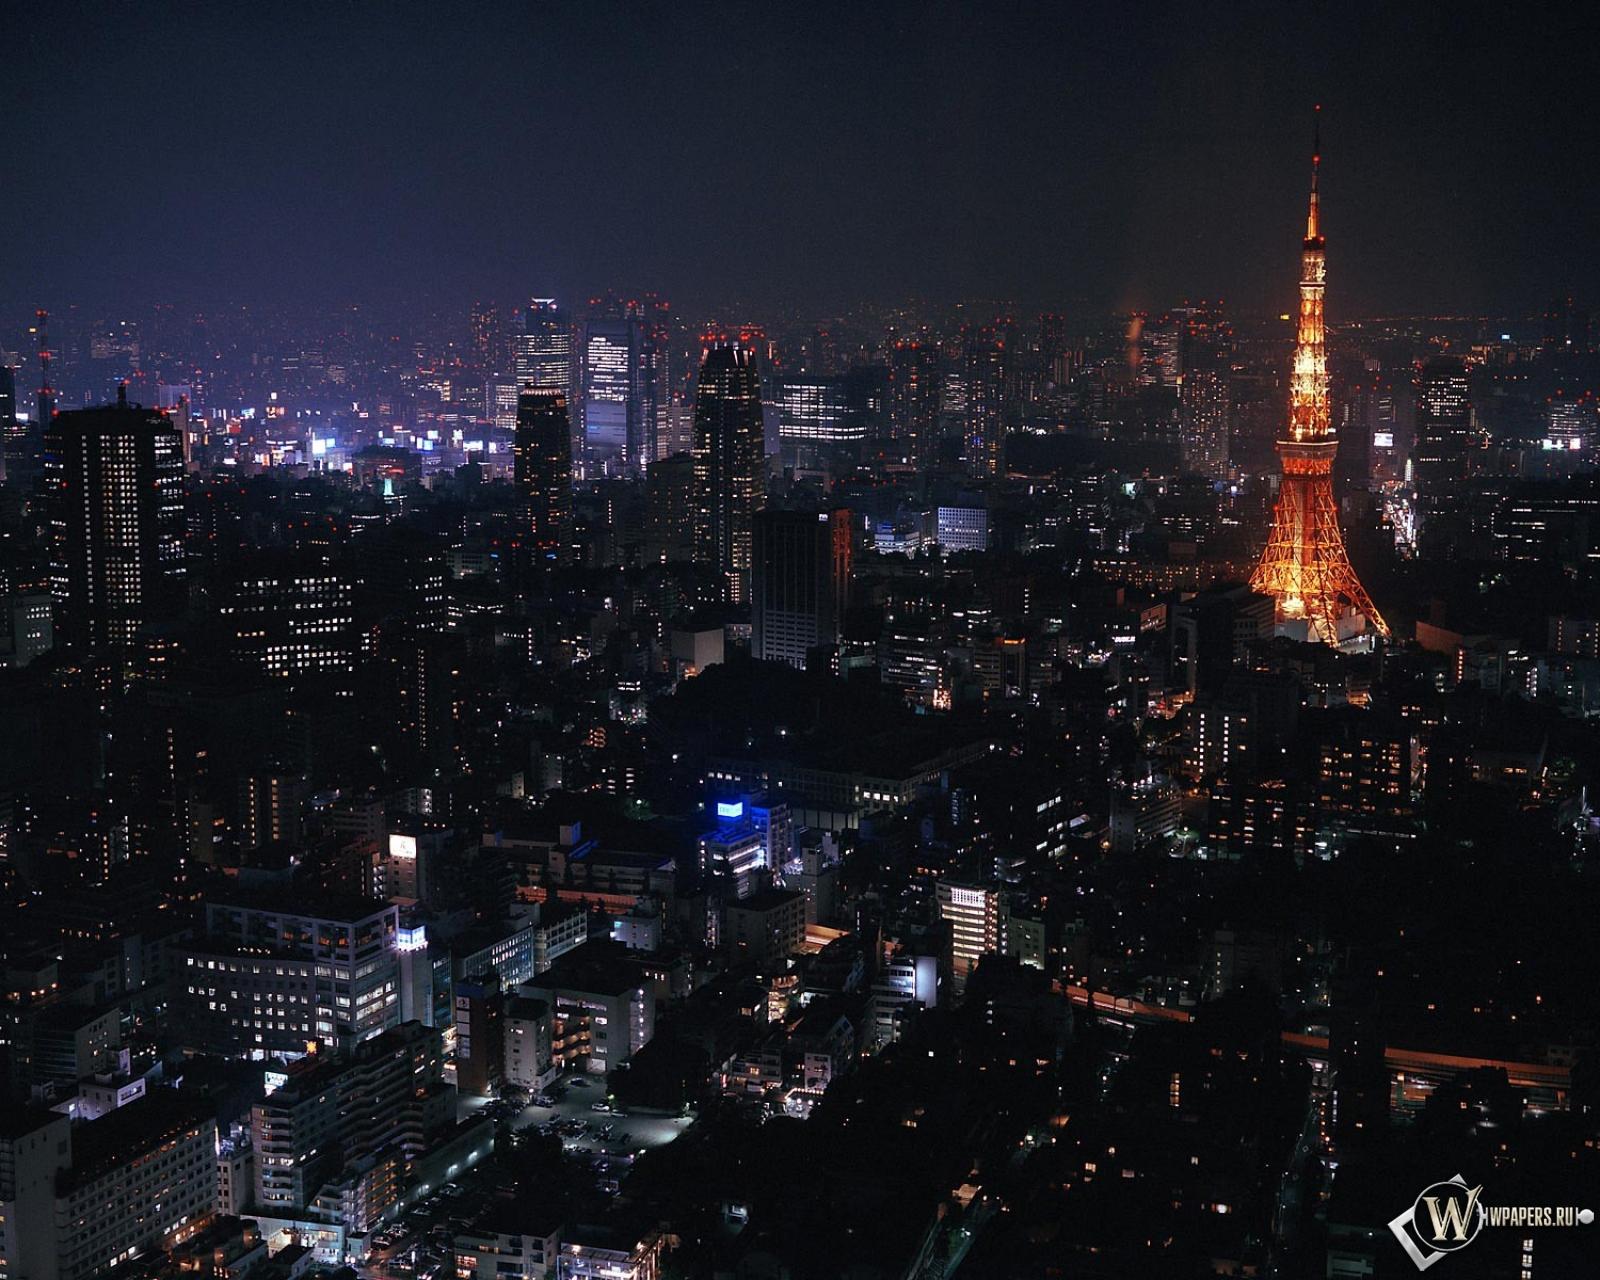 Токио ночью 1600x1280